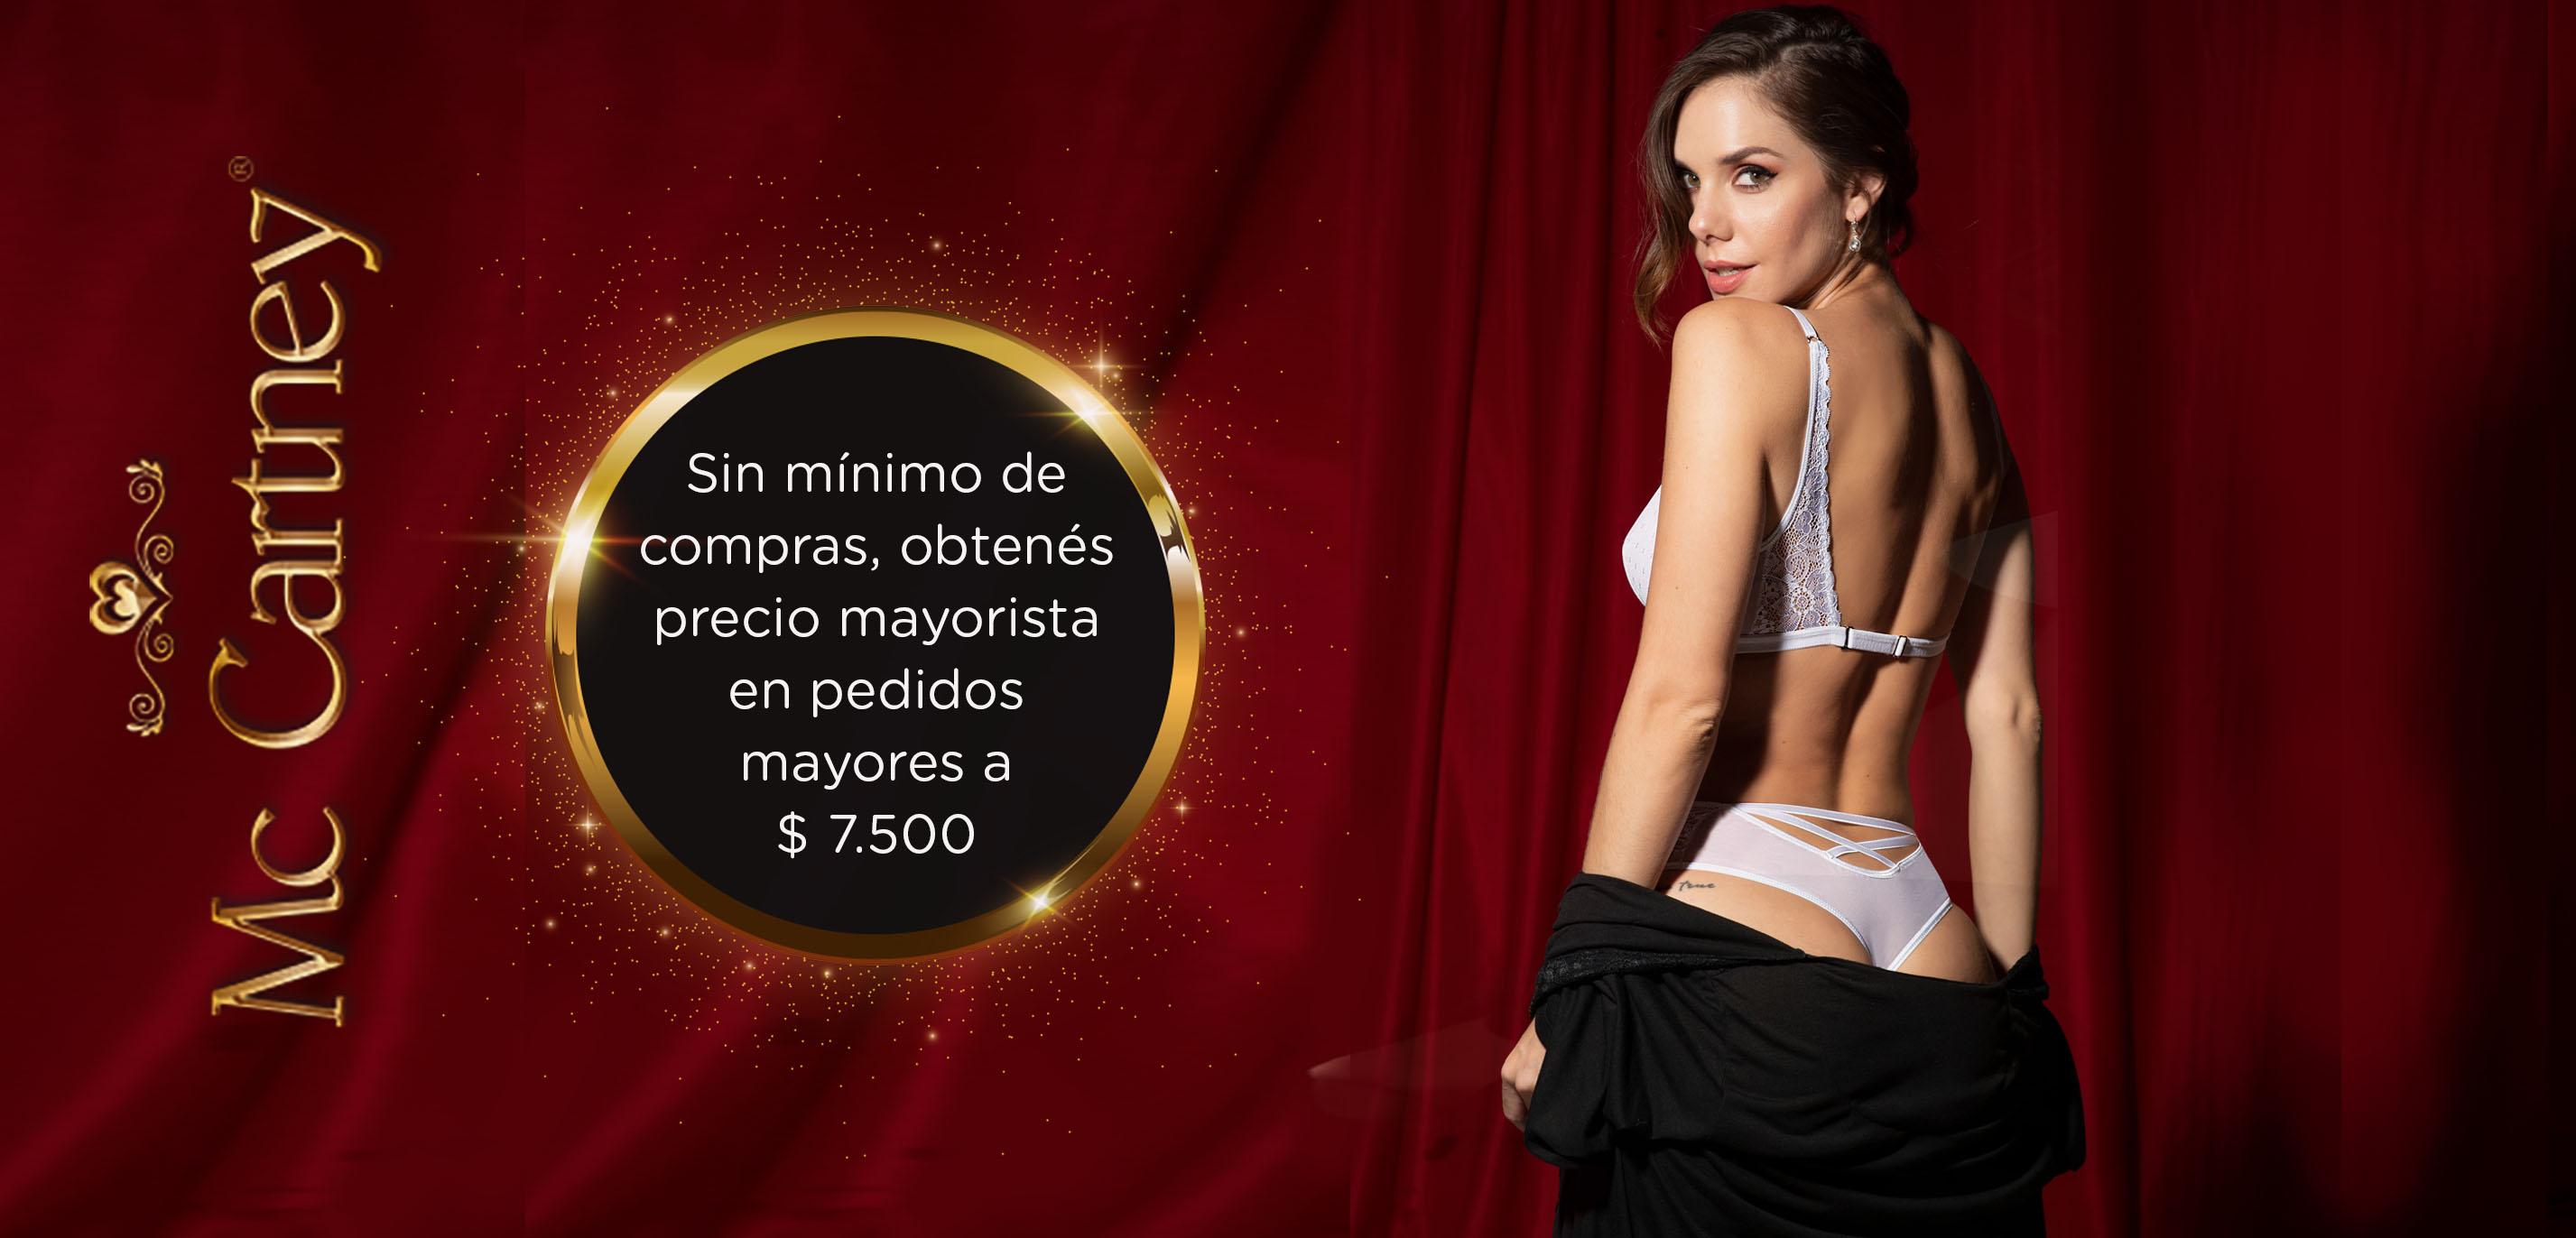 Promociones lencería en Argentina